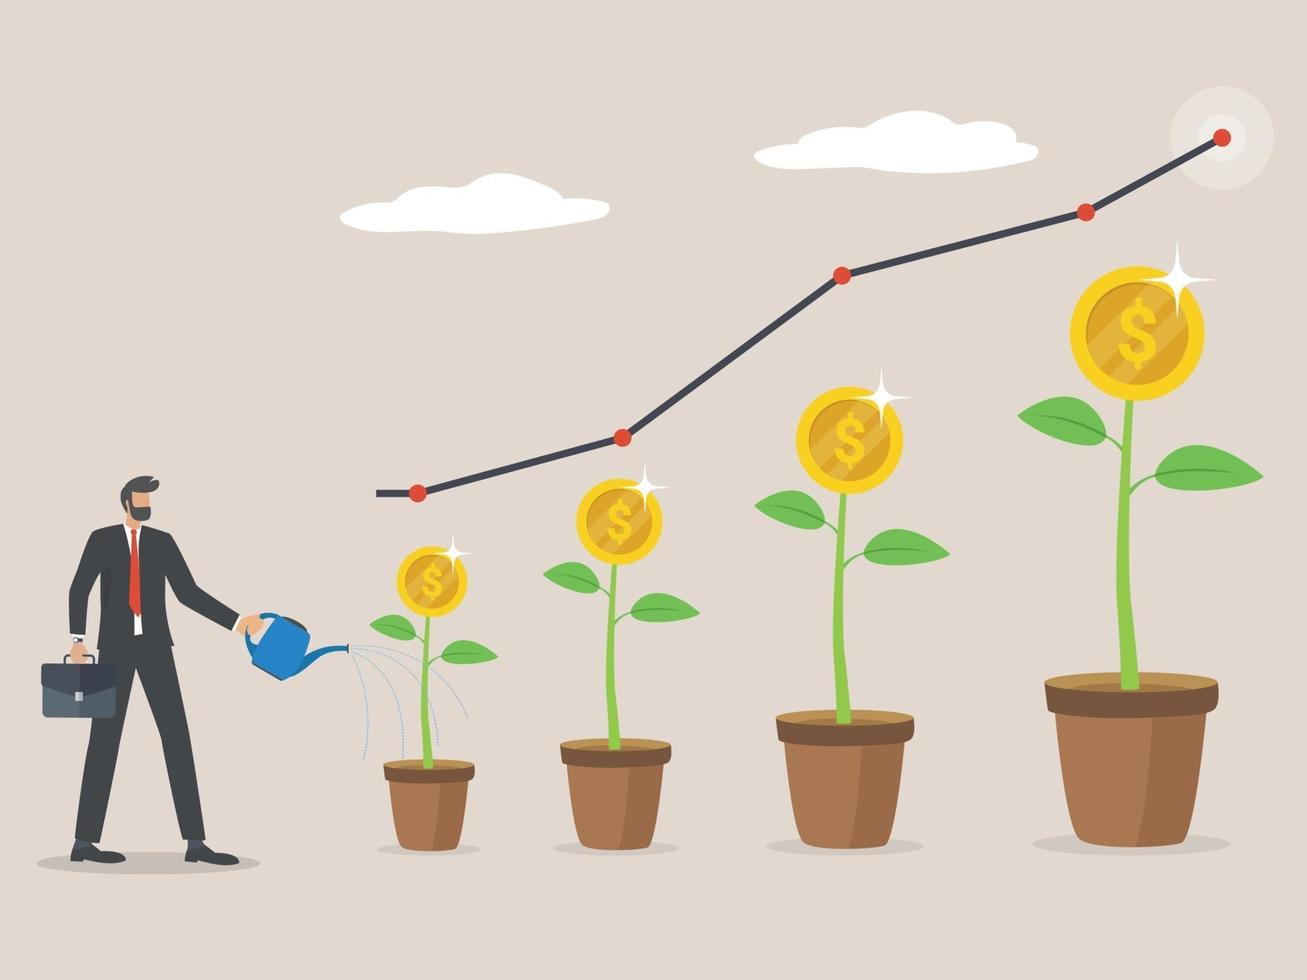 illustration de croissance d'arbre de pièce d'argent de plante pour le concept d'investissement, homme d'affaires arrosant l'arbre du dollar, croissance économique et profit commercial vecteur